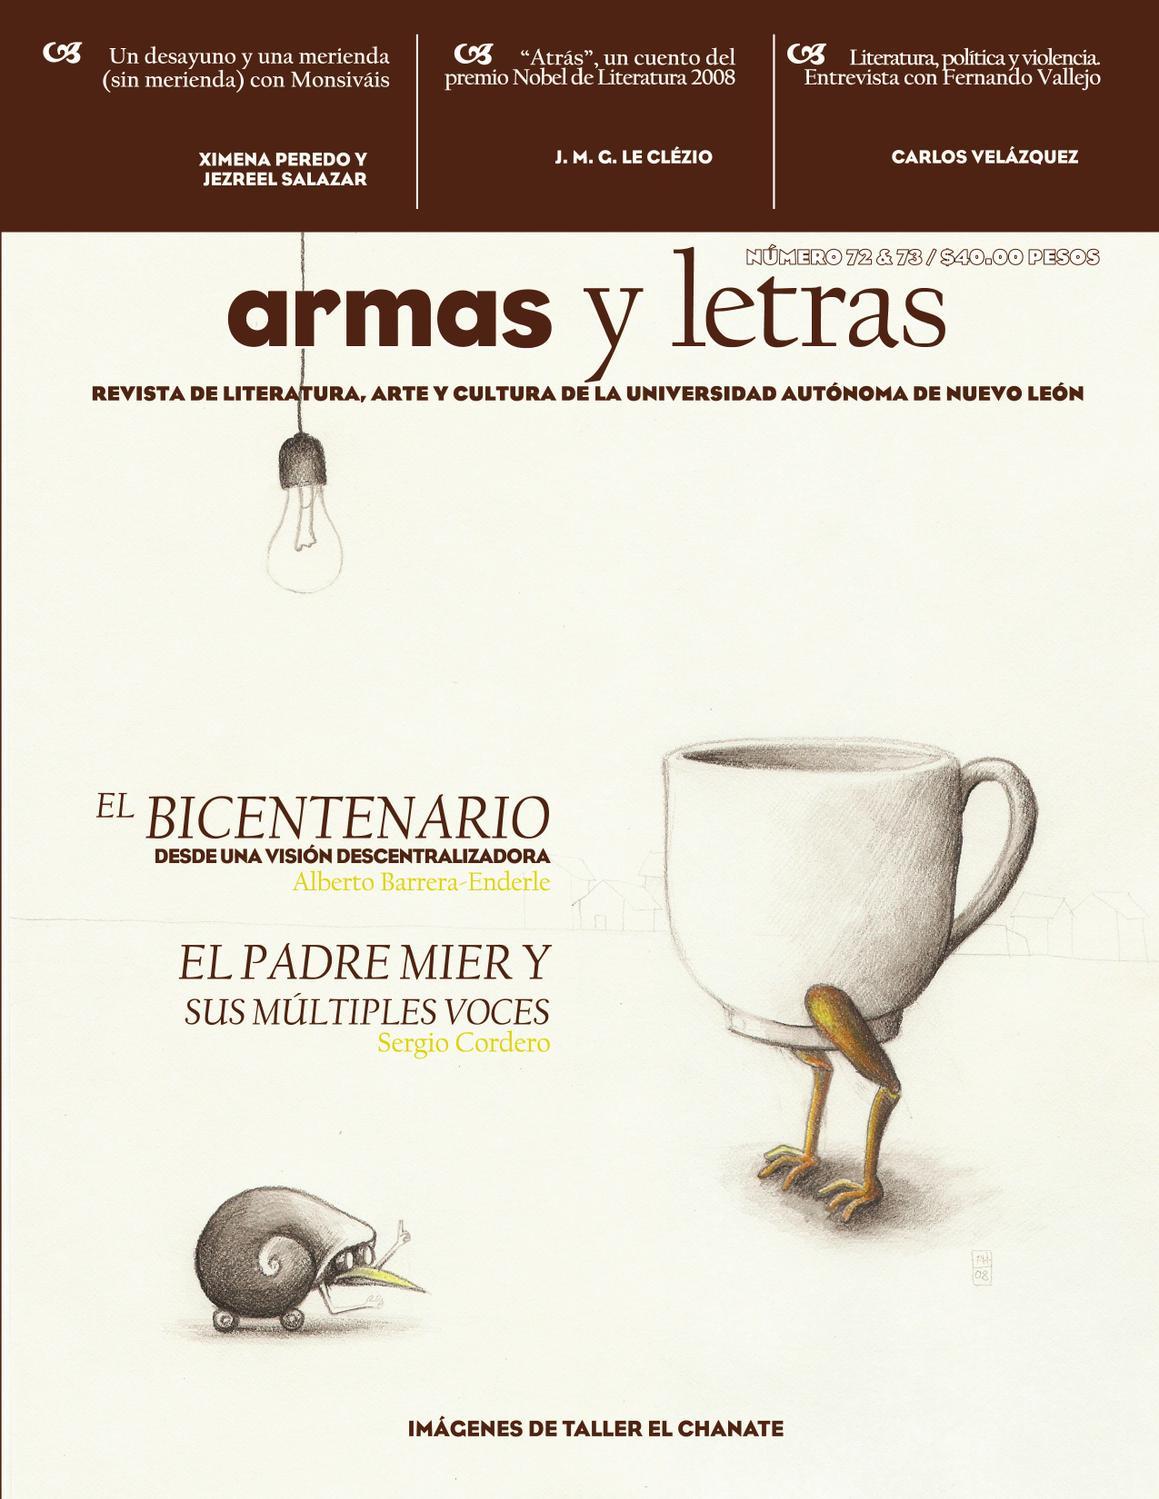 Armas y Letras 72-73 by Revista Armas y Letras - issuu